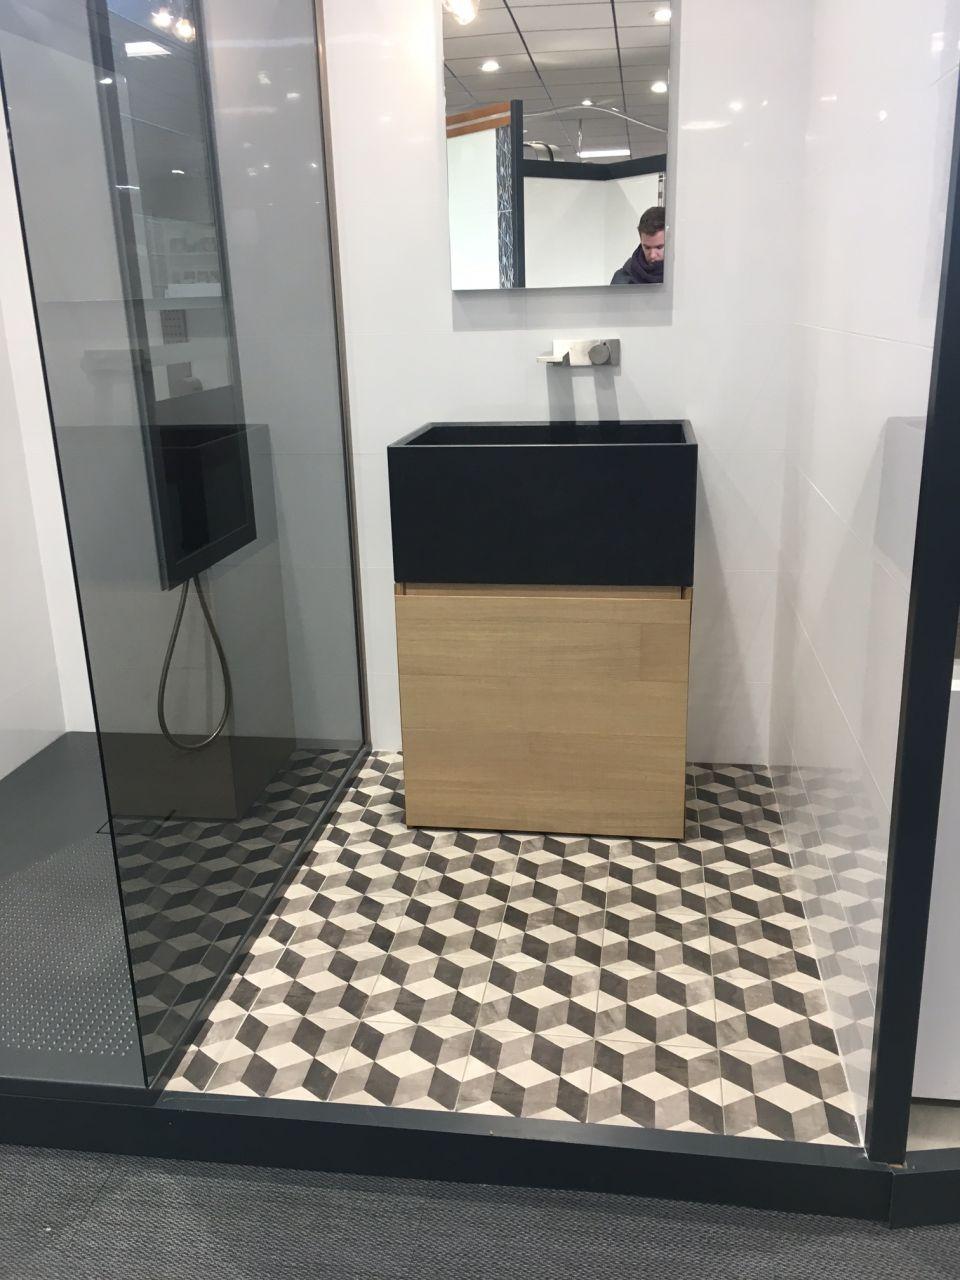 Voici à quoi va ressembler la salle de bain dans notre suite parentale <br />  <br /> Carreaux ciment au sol imitation carre <br />  <br /> et faience carreau 60*30 blanc brillant